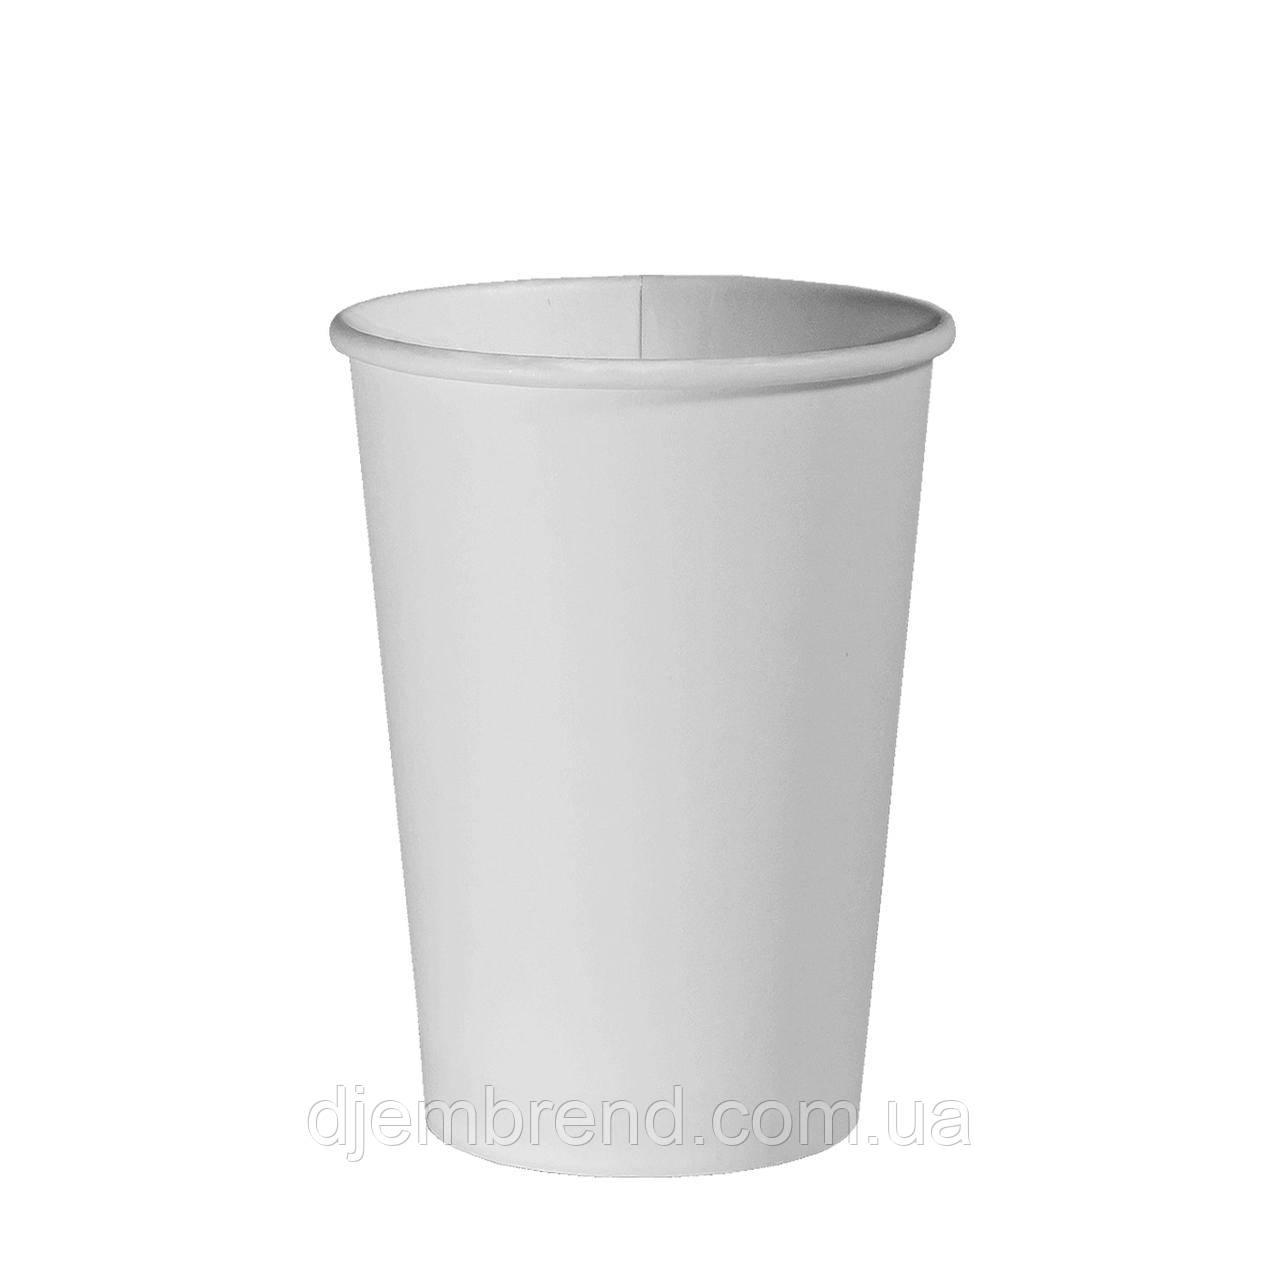 Стакан бумажный Белый 340мл. 50шт/уп (1ящ/40уп/2000шт) (КВ80)